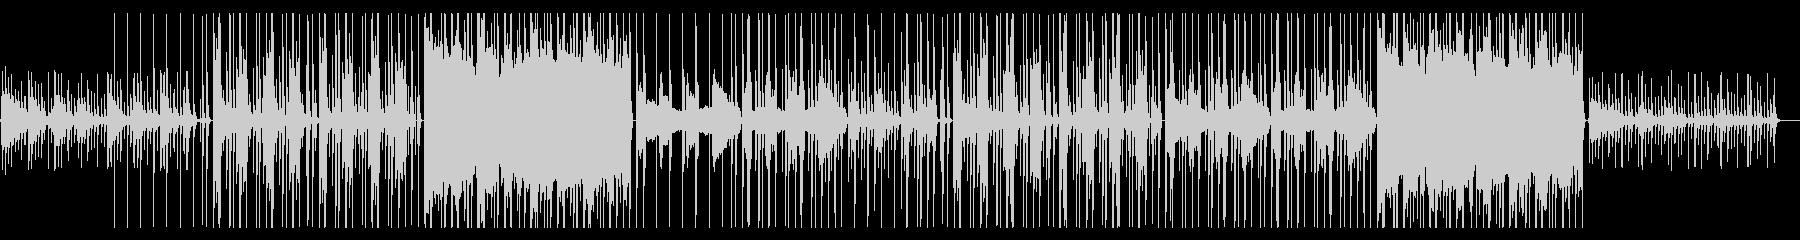 カリンバがメインのオリエンタルビートの未再生の波形